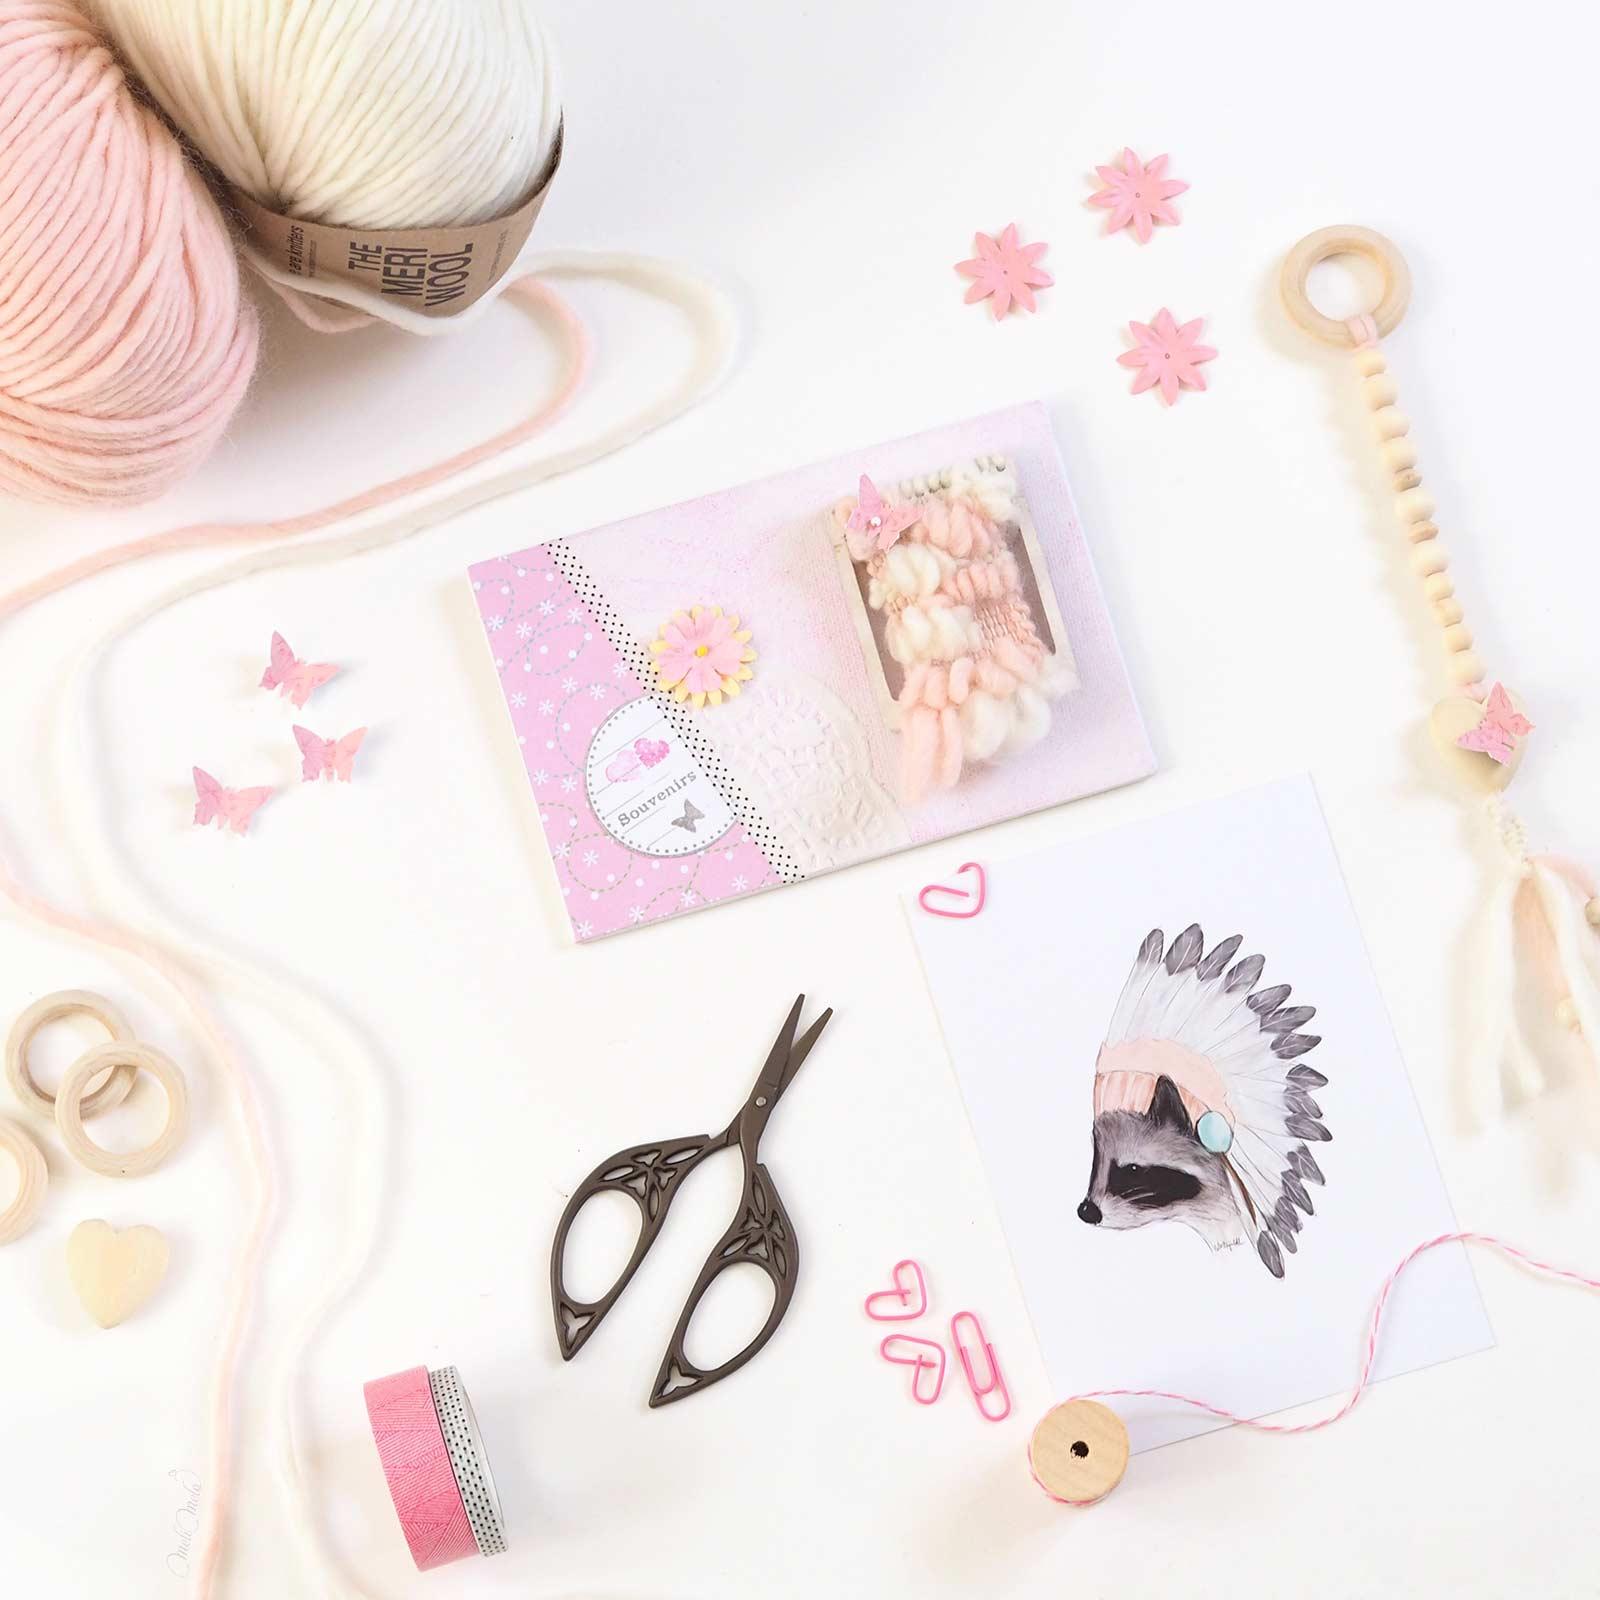 happymail rose mini-tissage en laine merinos weareknitters carte postale crafts scrapbooking weareknitters latortuguitablanca laboutiquedemelimelo